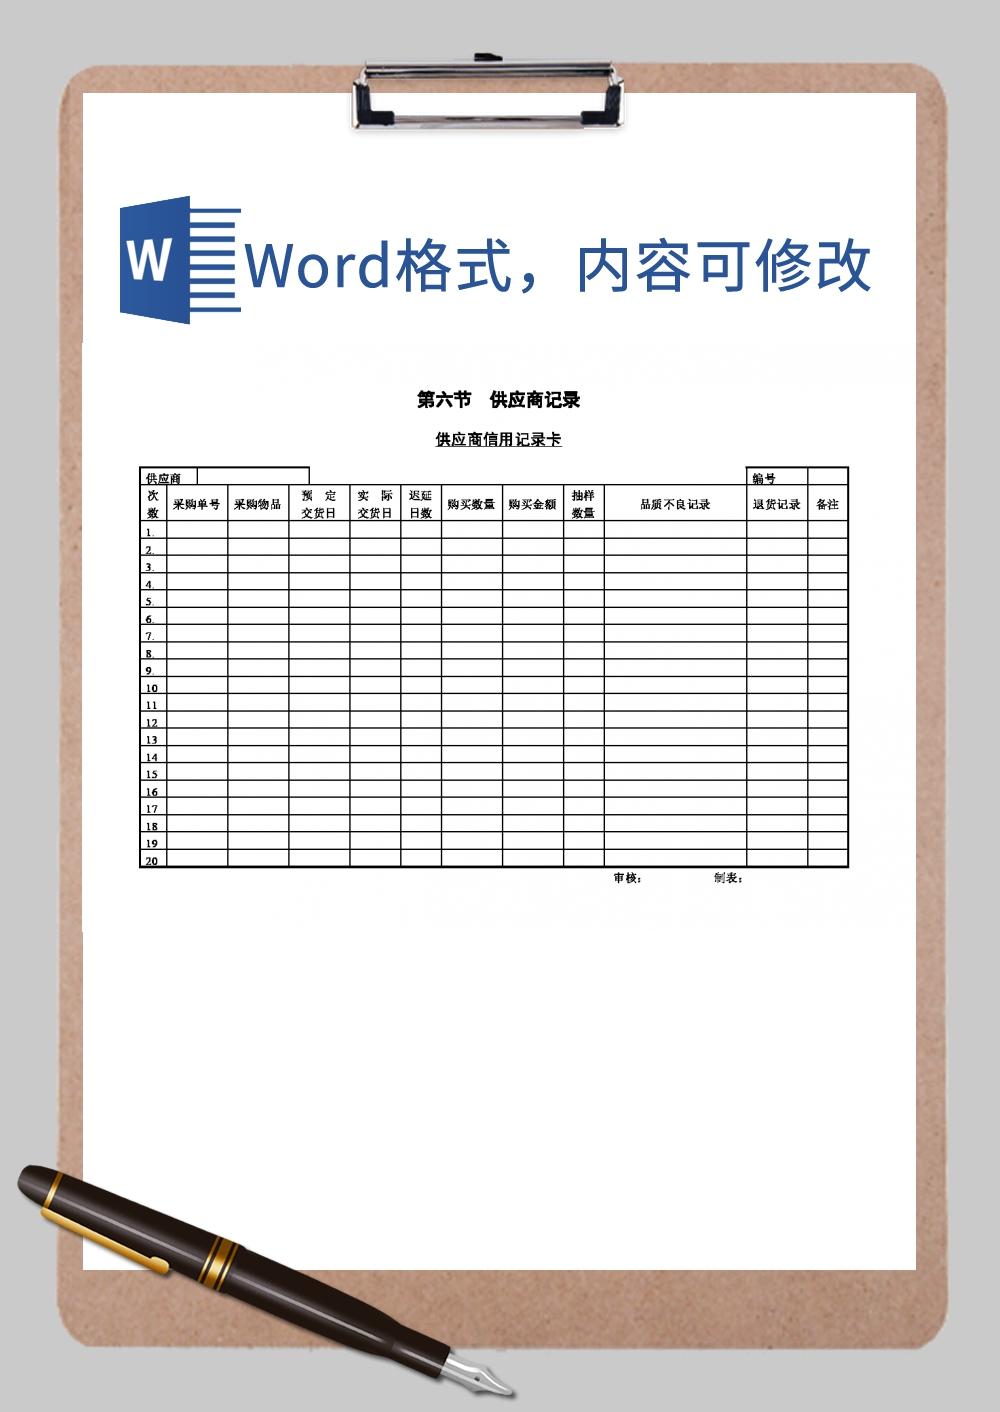 供应商信用记录卡空白Word模板